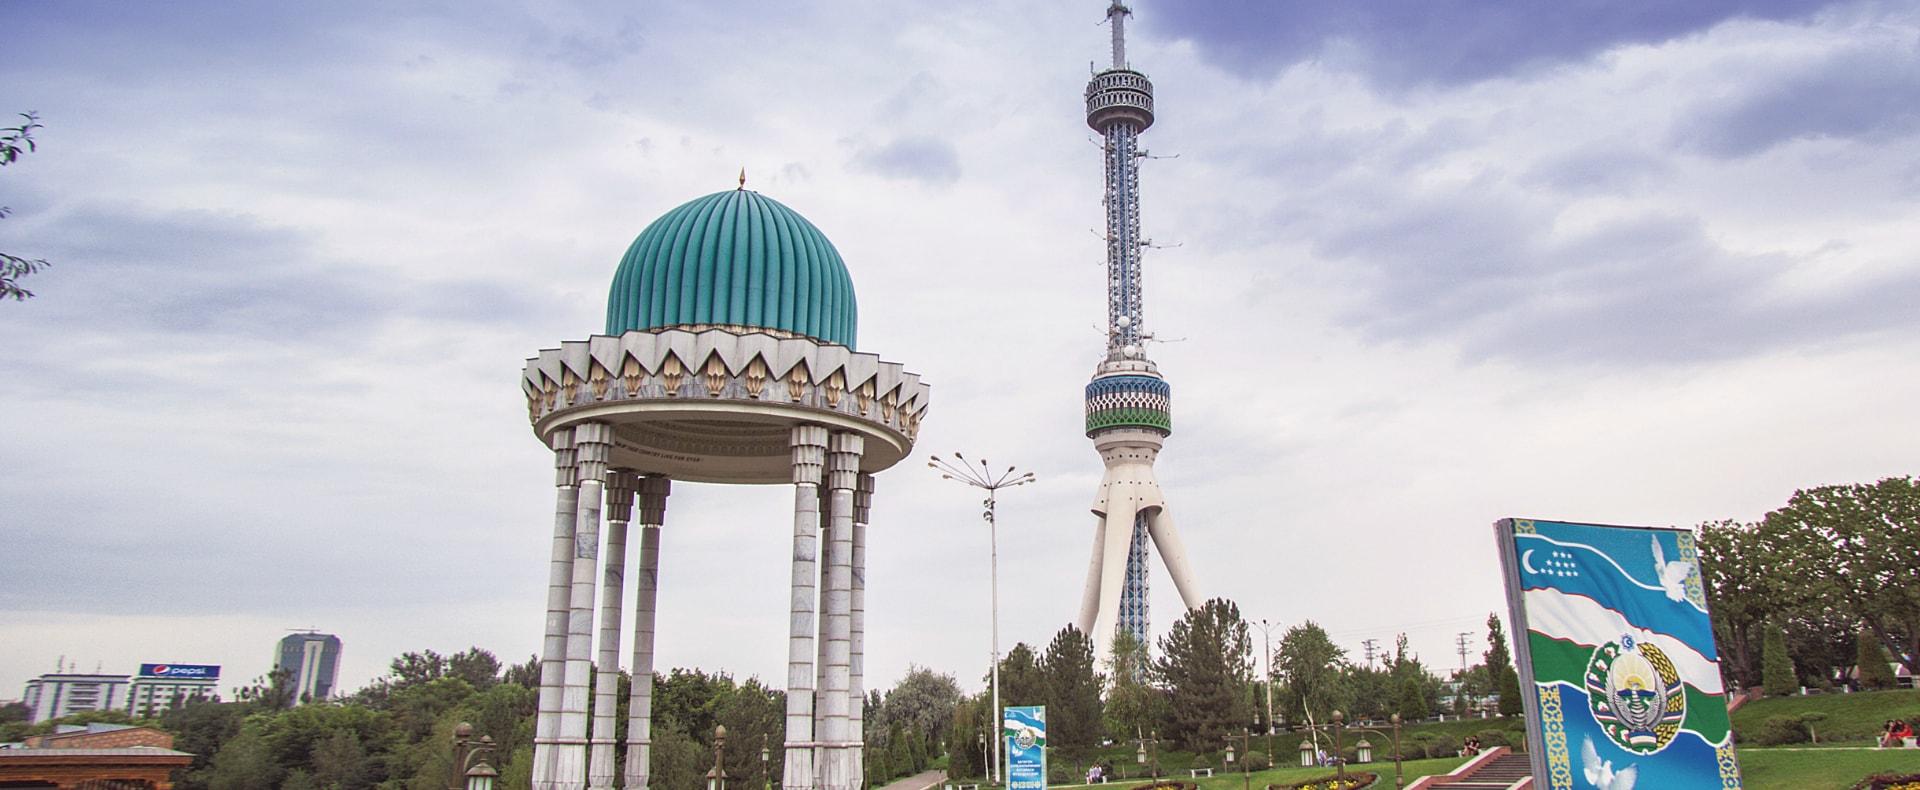 Tashkent, Uzbekistan Gallery